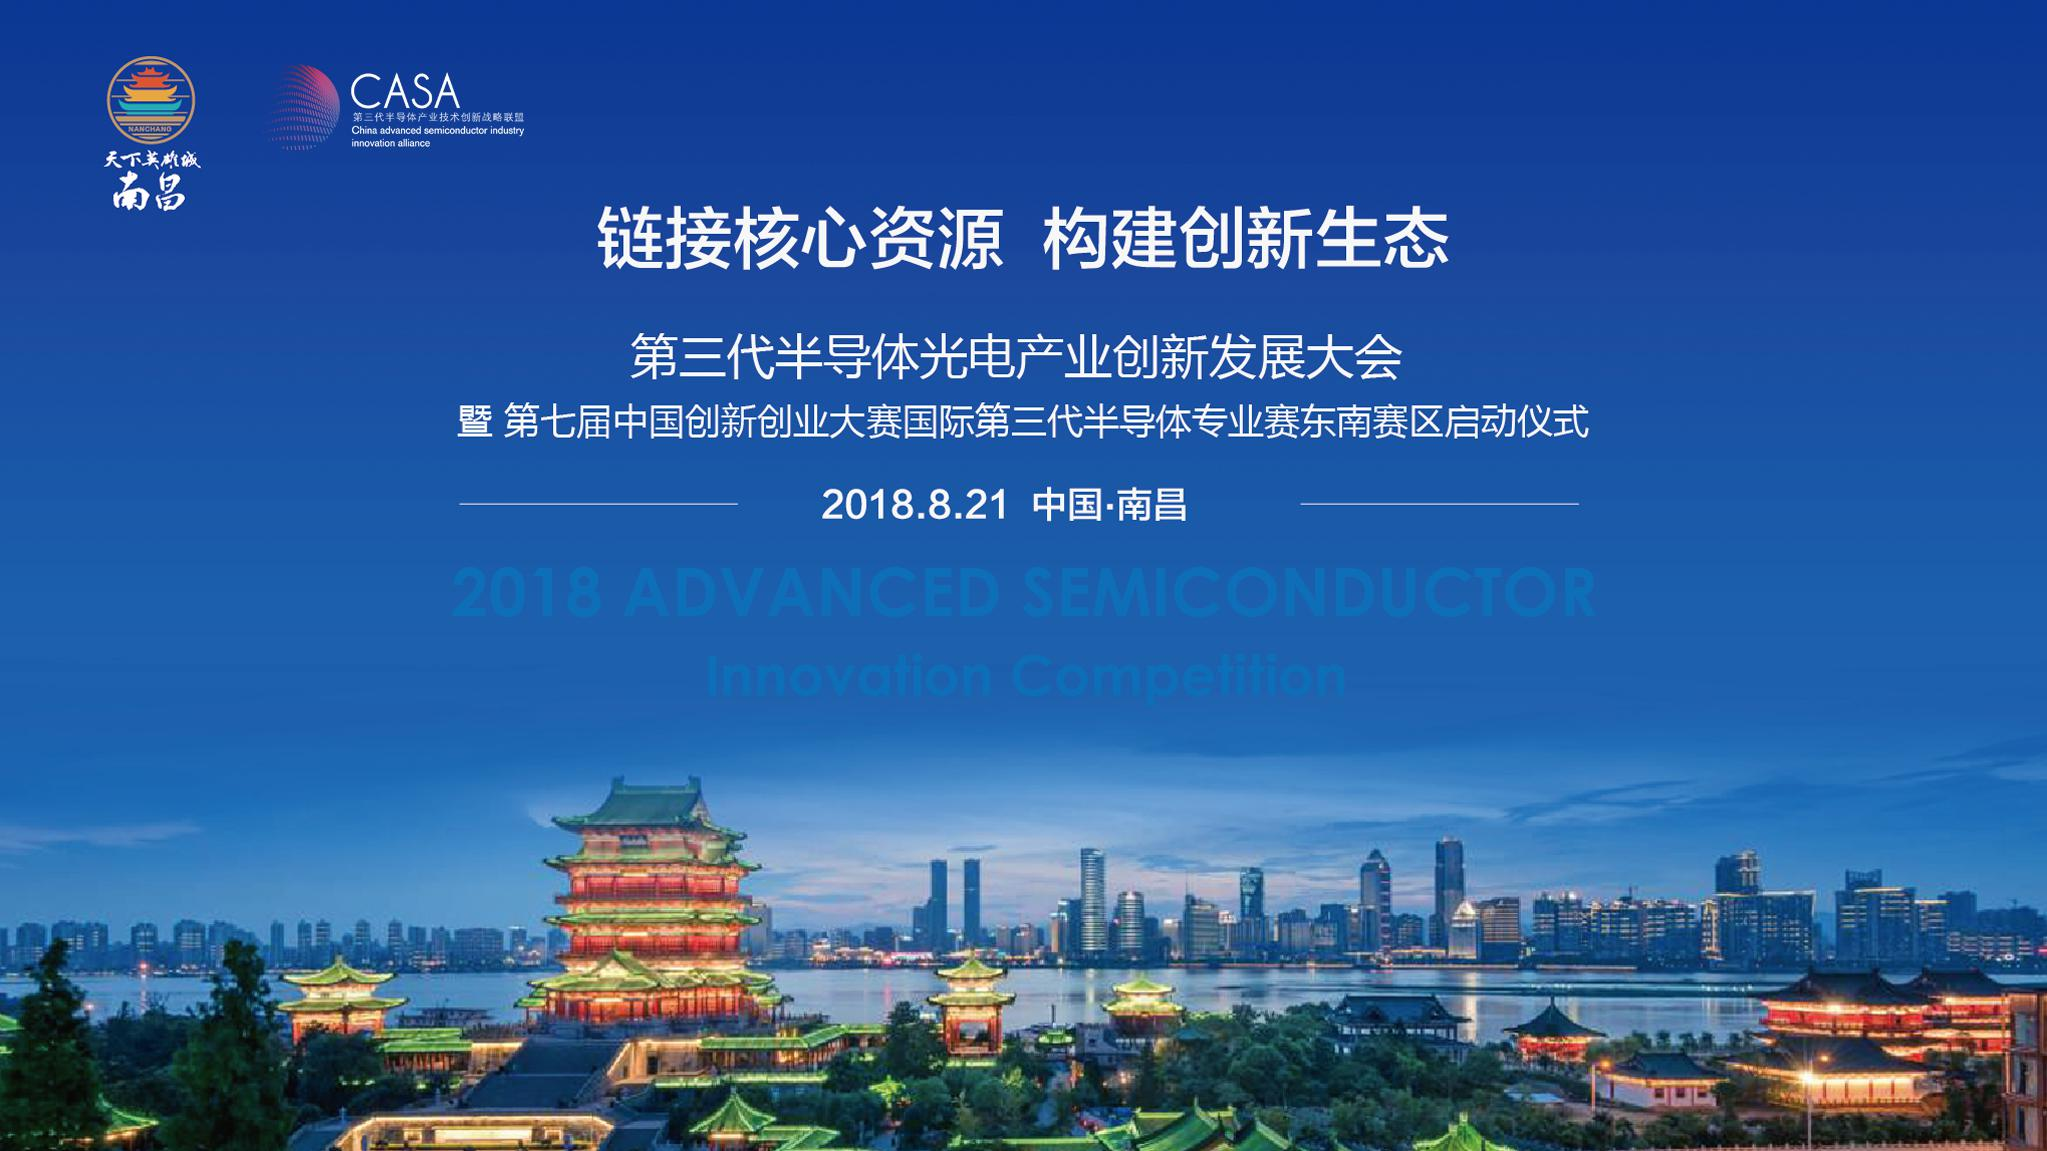 第七届中国创新创业大赛国际第三代半导体专业赛东南赛区即将启动